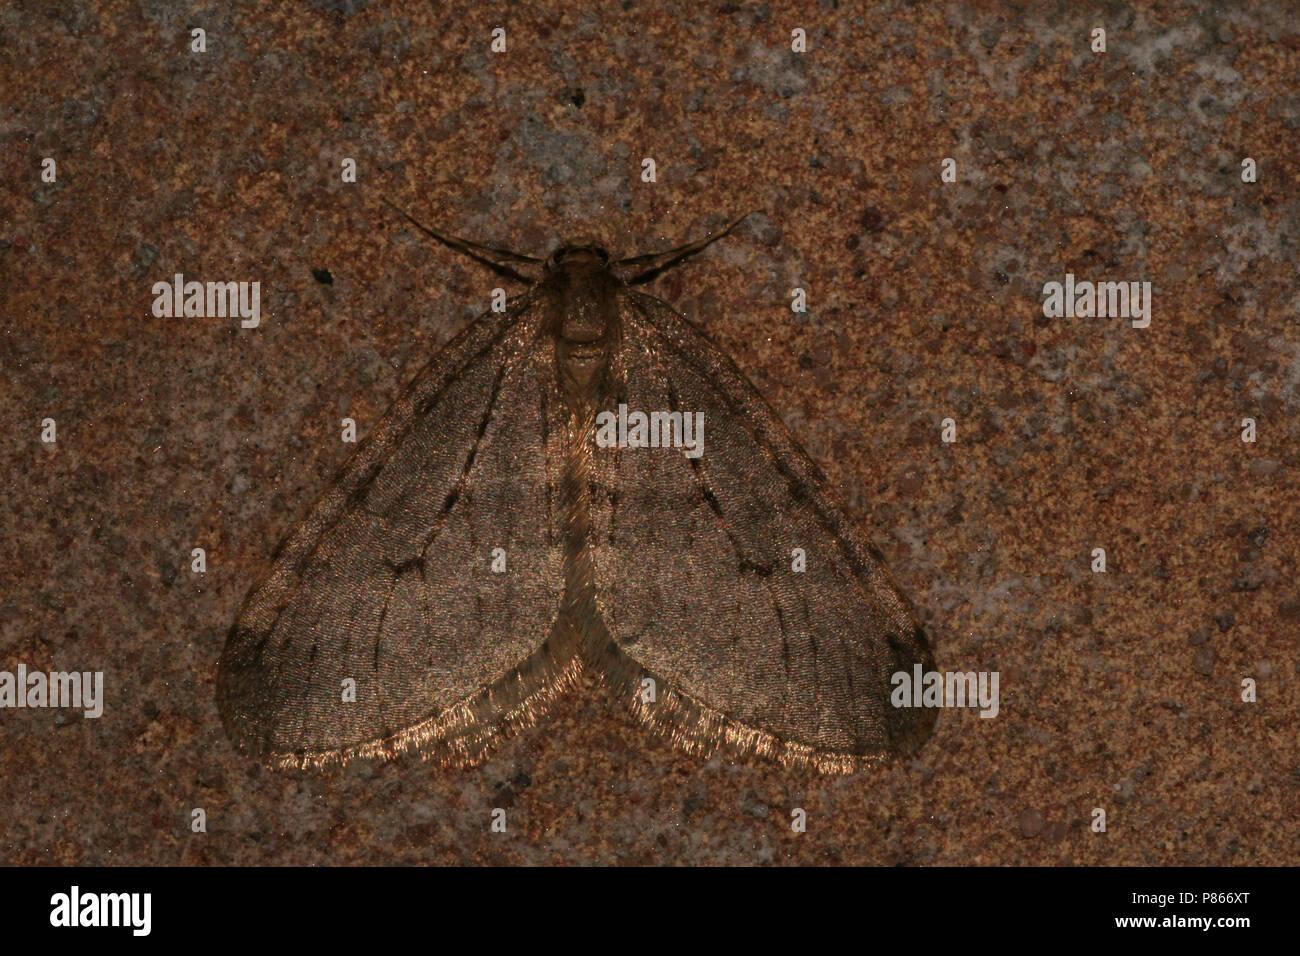 Winter Moth on wall Netherlands; Kleine wintervlinder op muur Nederland - Stock Image